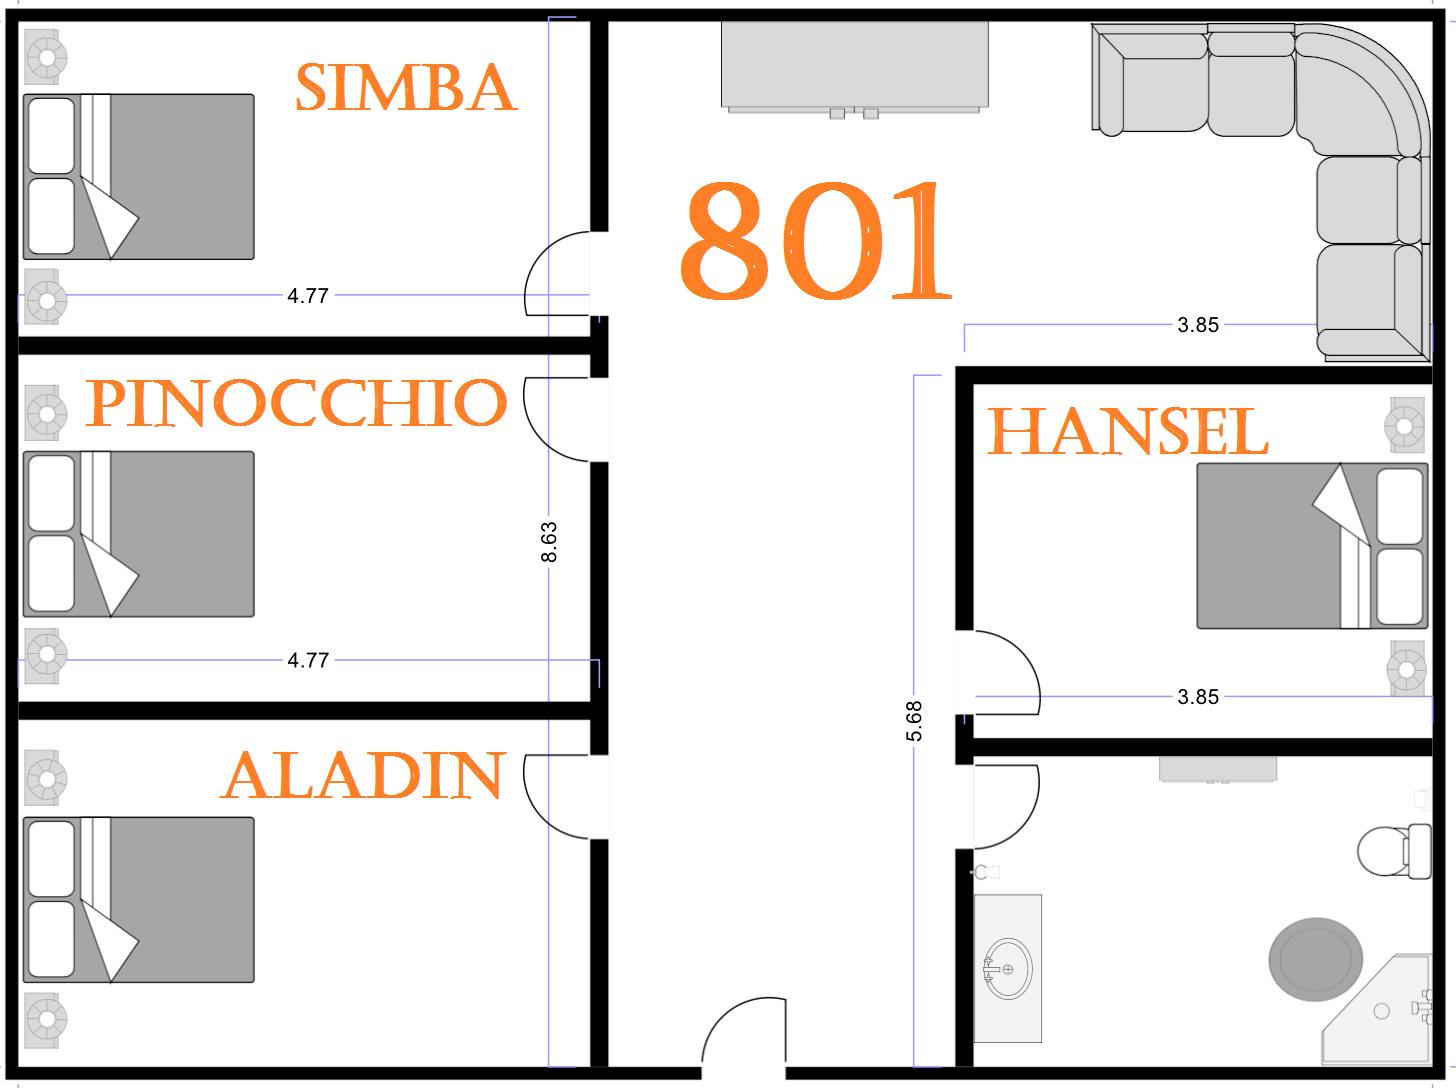 Appartement 801 | réservé aux locataires 544918801